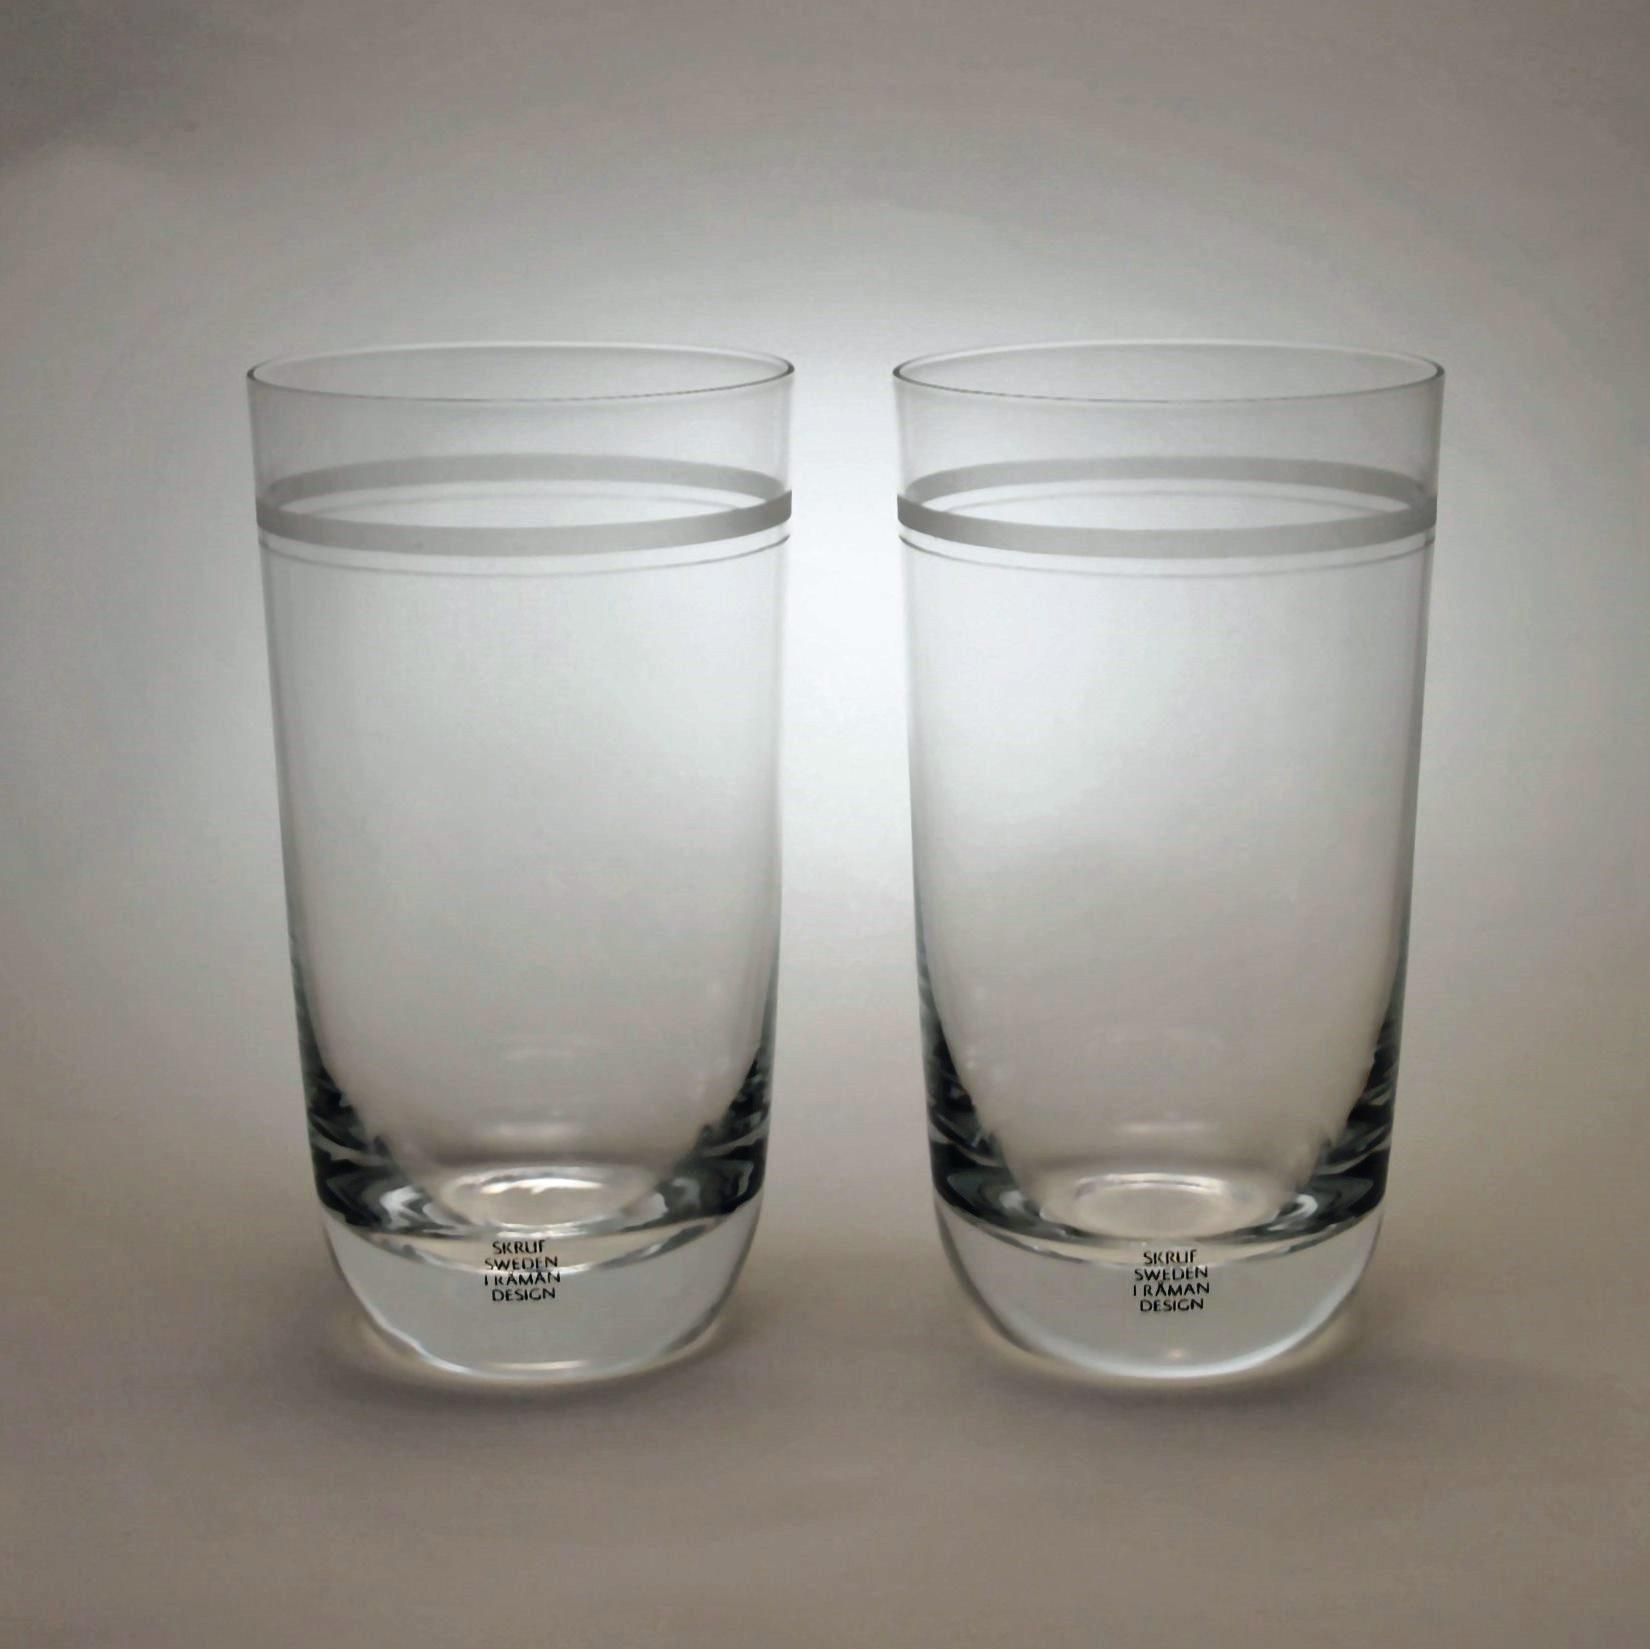 スクルフ オーガスト 2205 ビールグラス ペアセット SKRUF August 2205 Beer Glass Pair Set